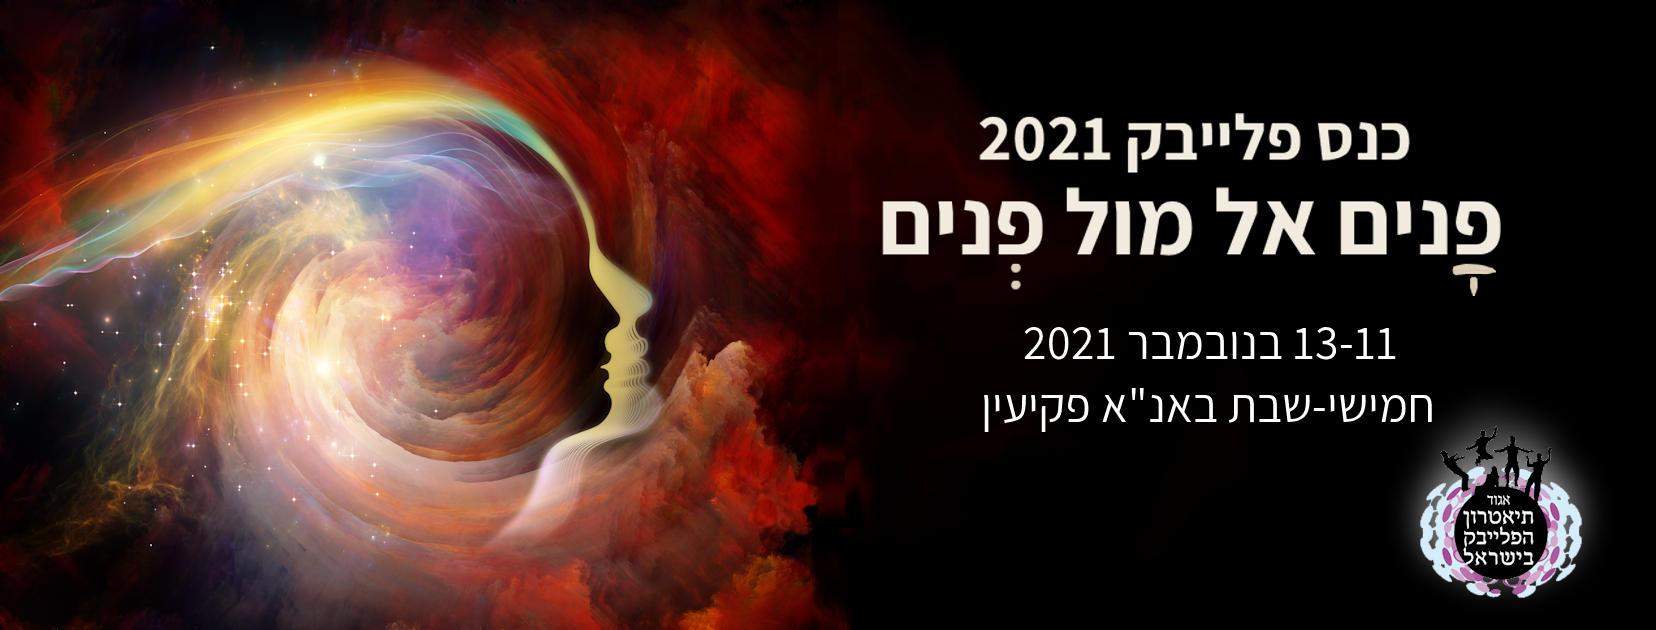 כנס פלייבק 2021